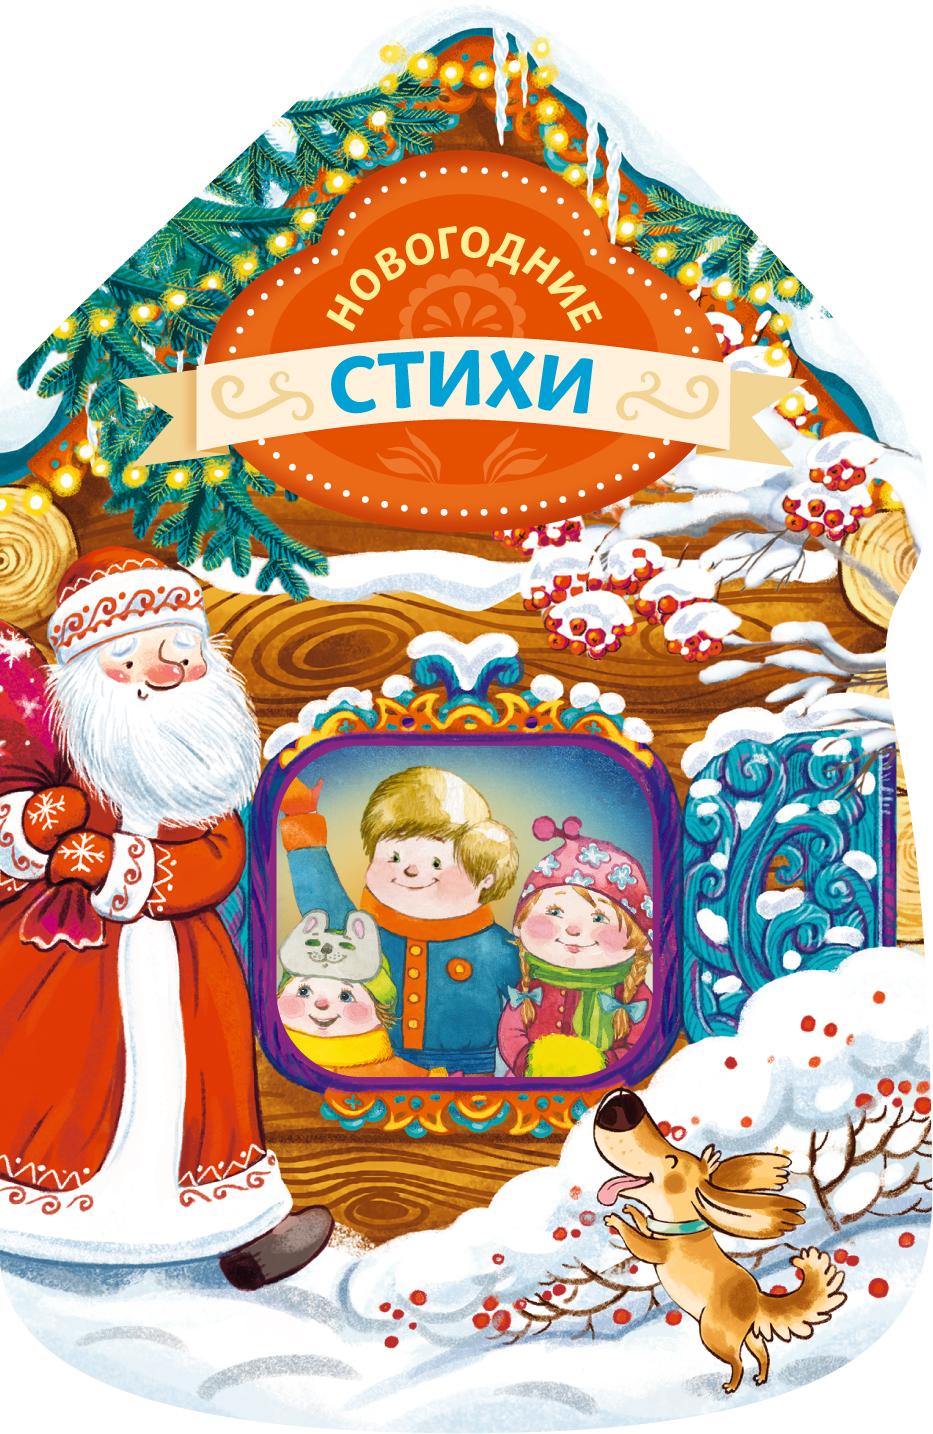 Дружинина М.В. Новогодние стихи (новогодний домик) шахова м даркова ю новогодние елки и игрушки